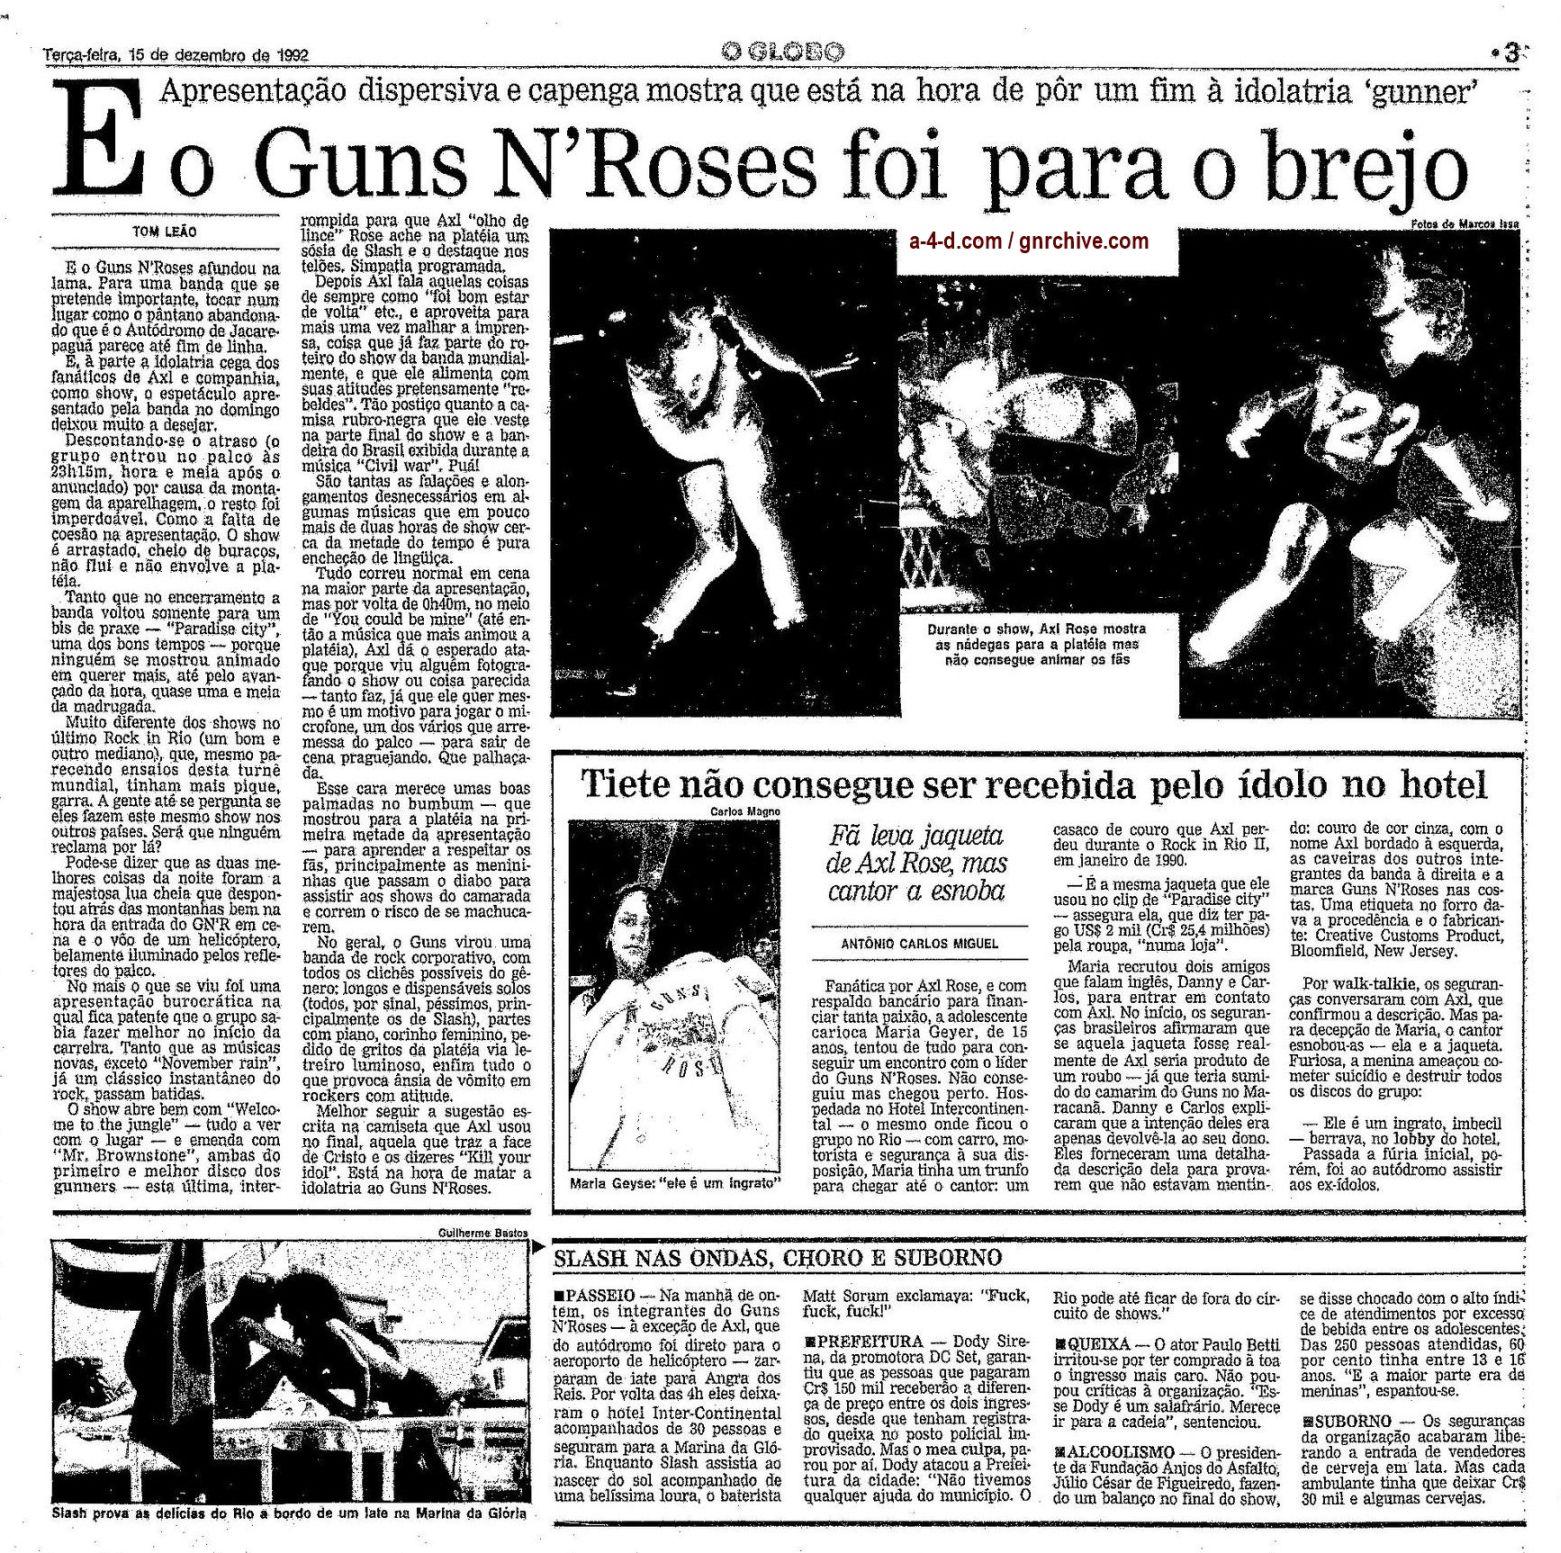 1992.12.13 - Autodromo, Rio de Janeiro, Brazil 1992_152